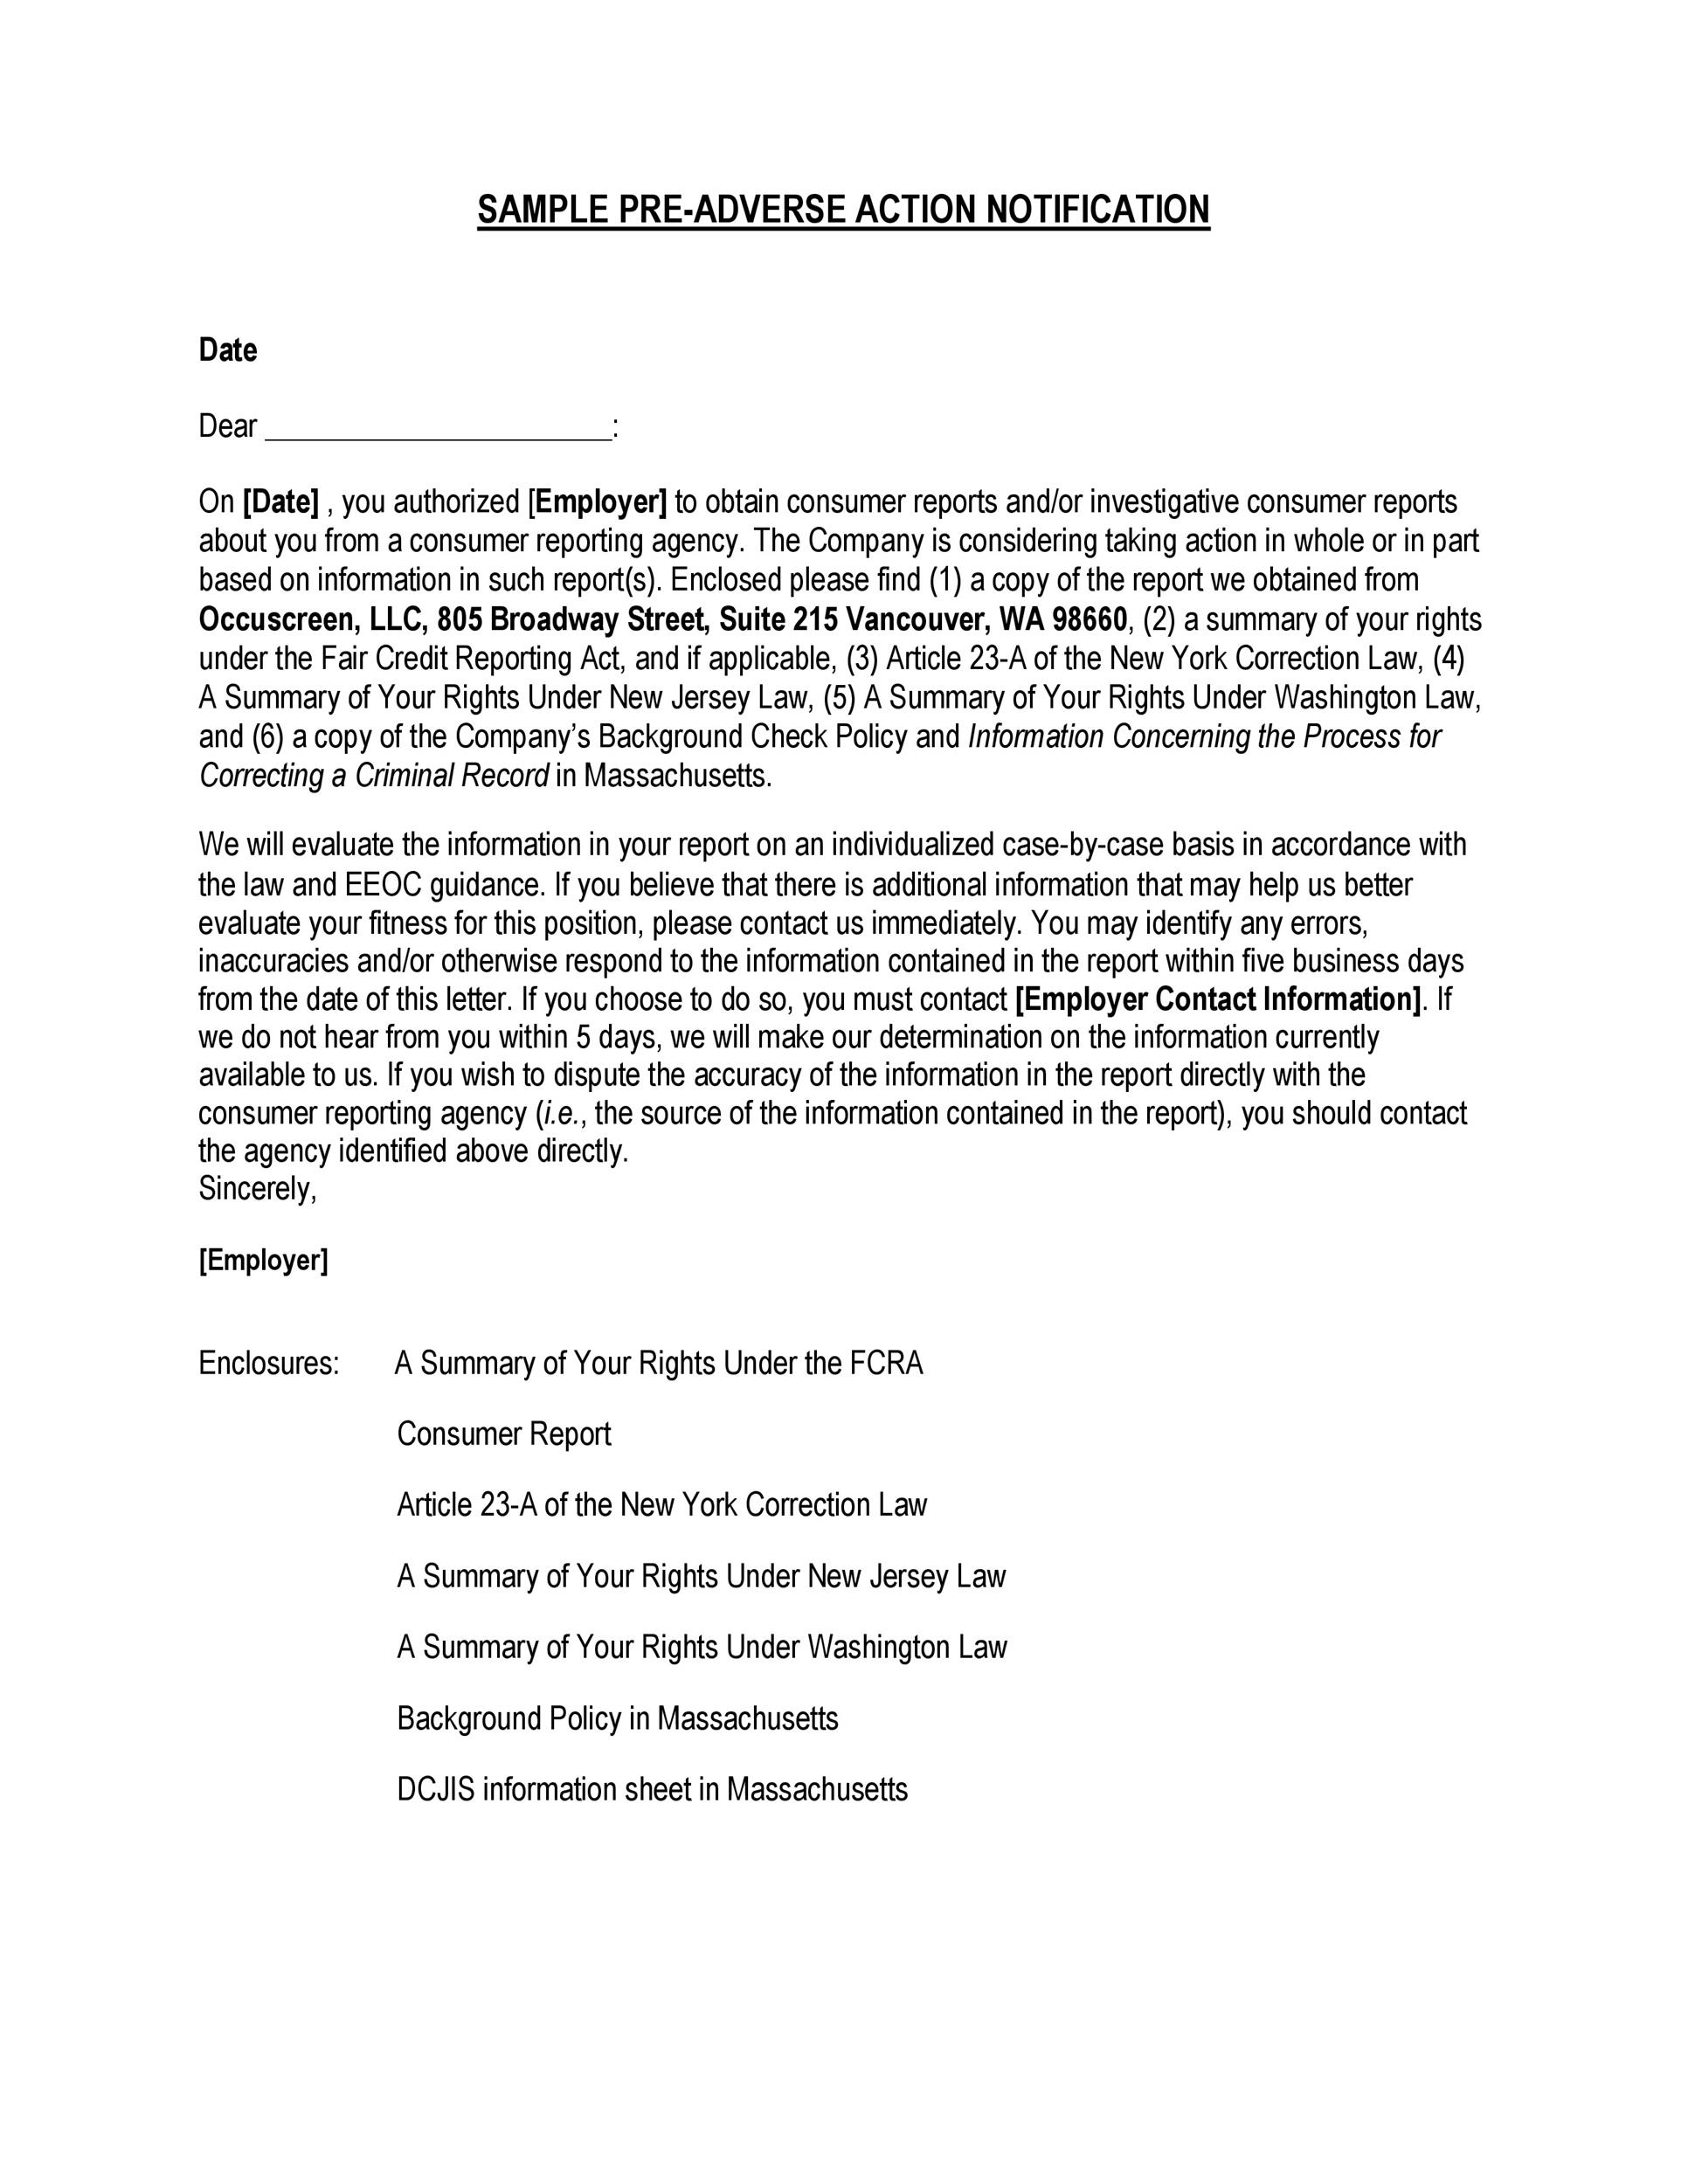 Free adverse action notice 06